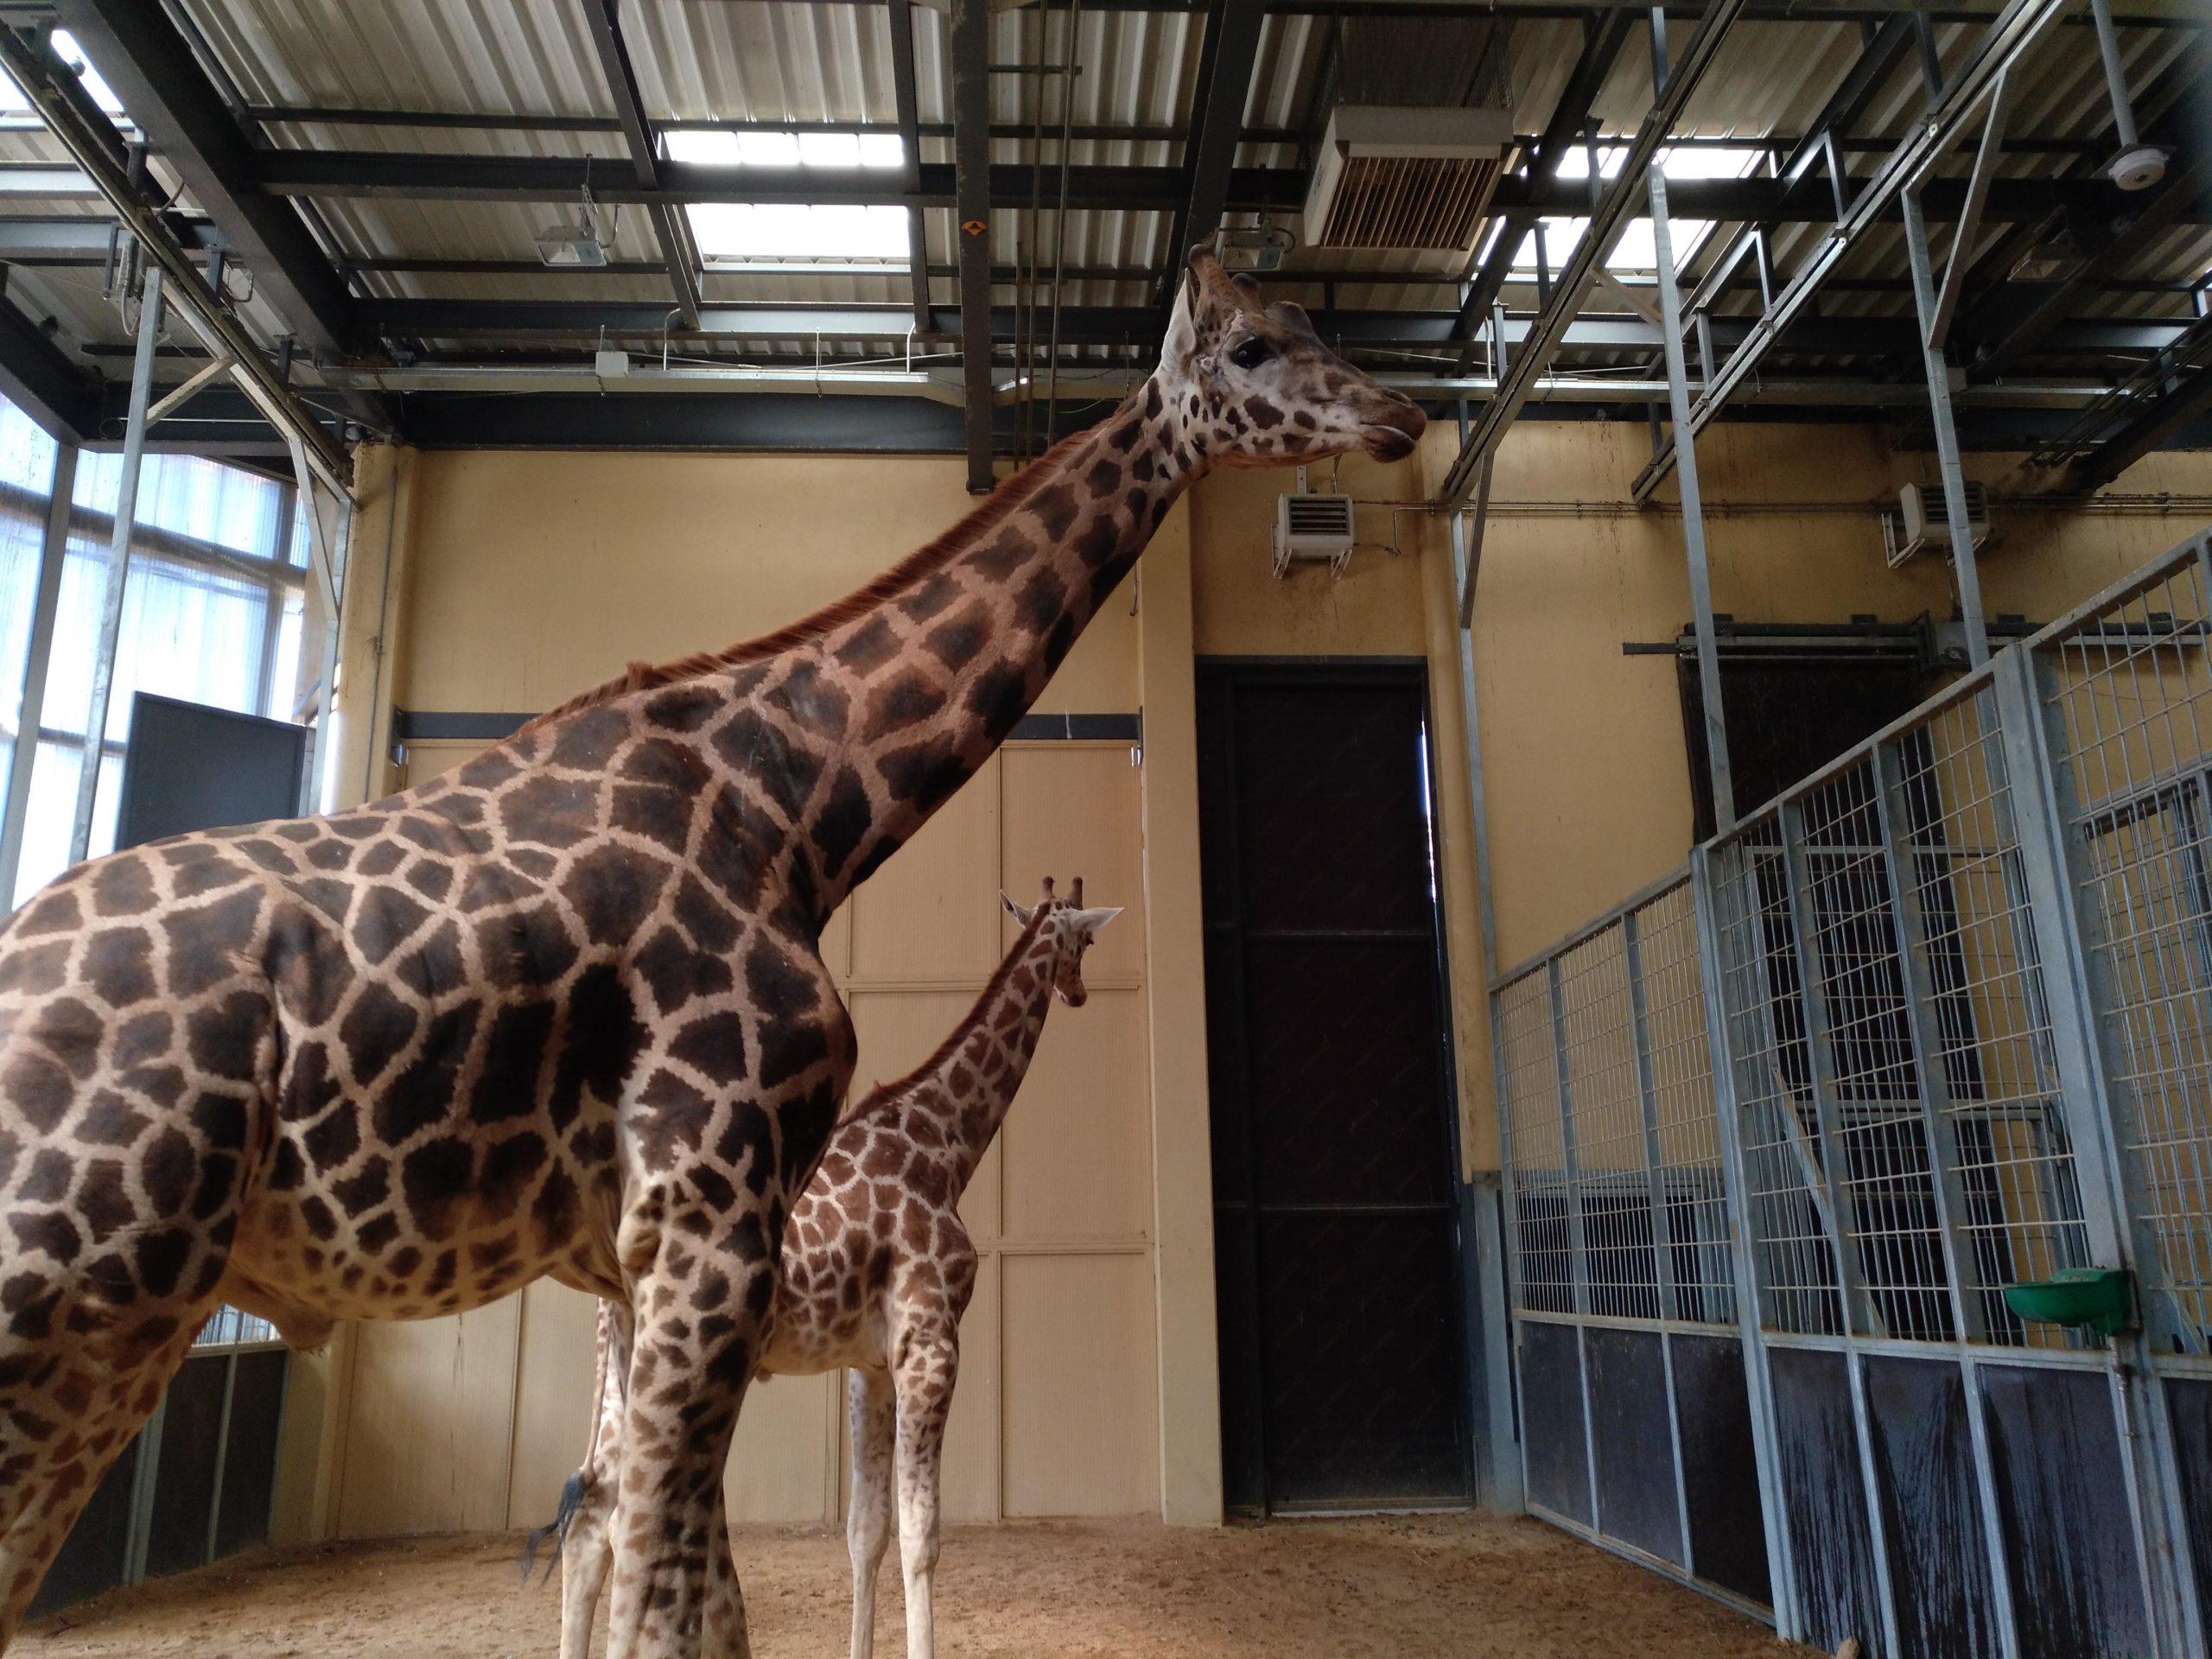 Dues girafes als seus estables del Zoo de Barcelona / Meritxell M. Pauné